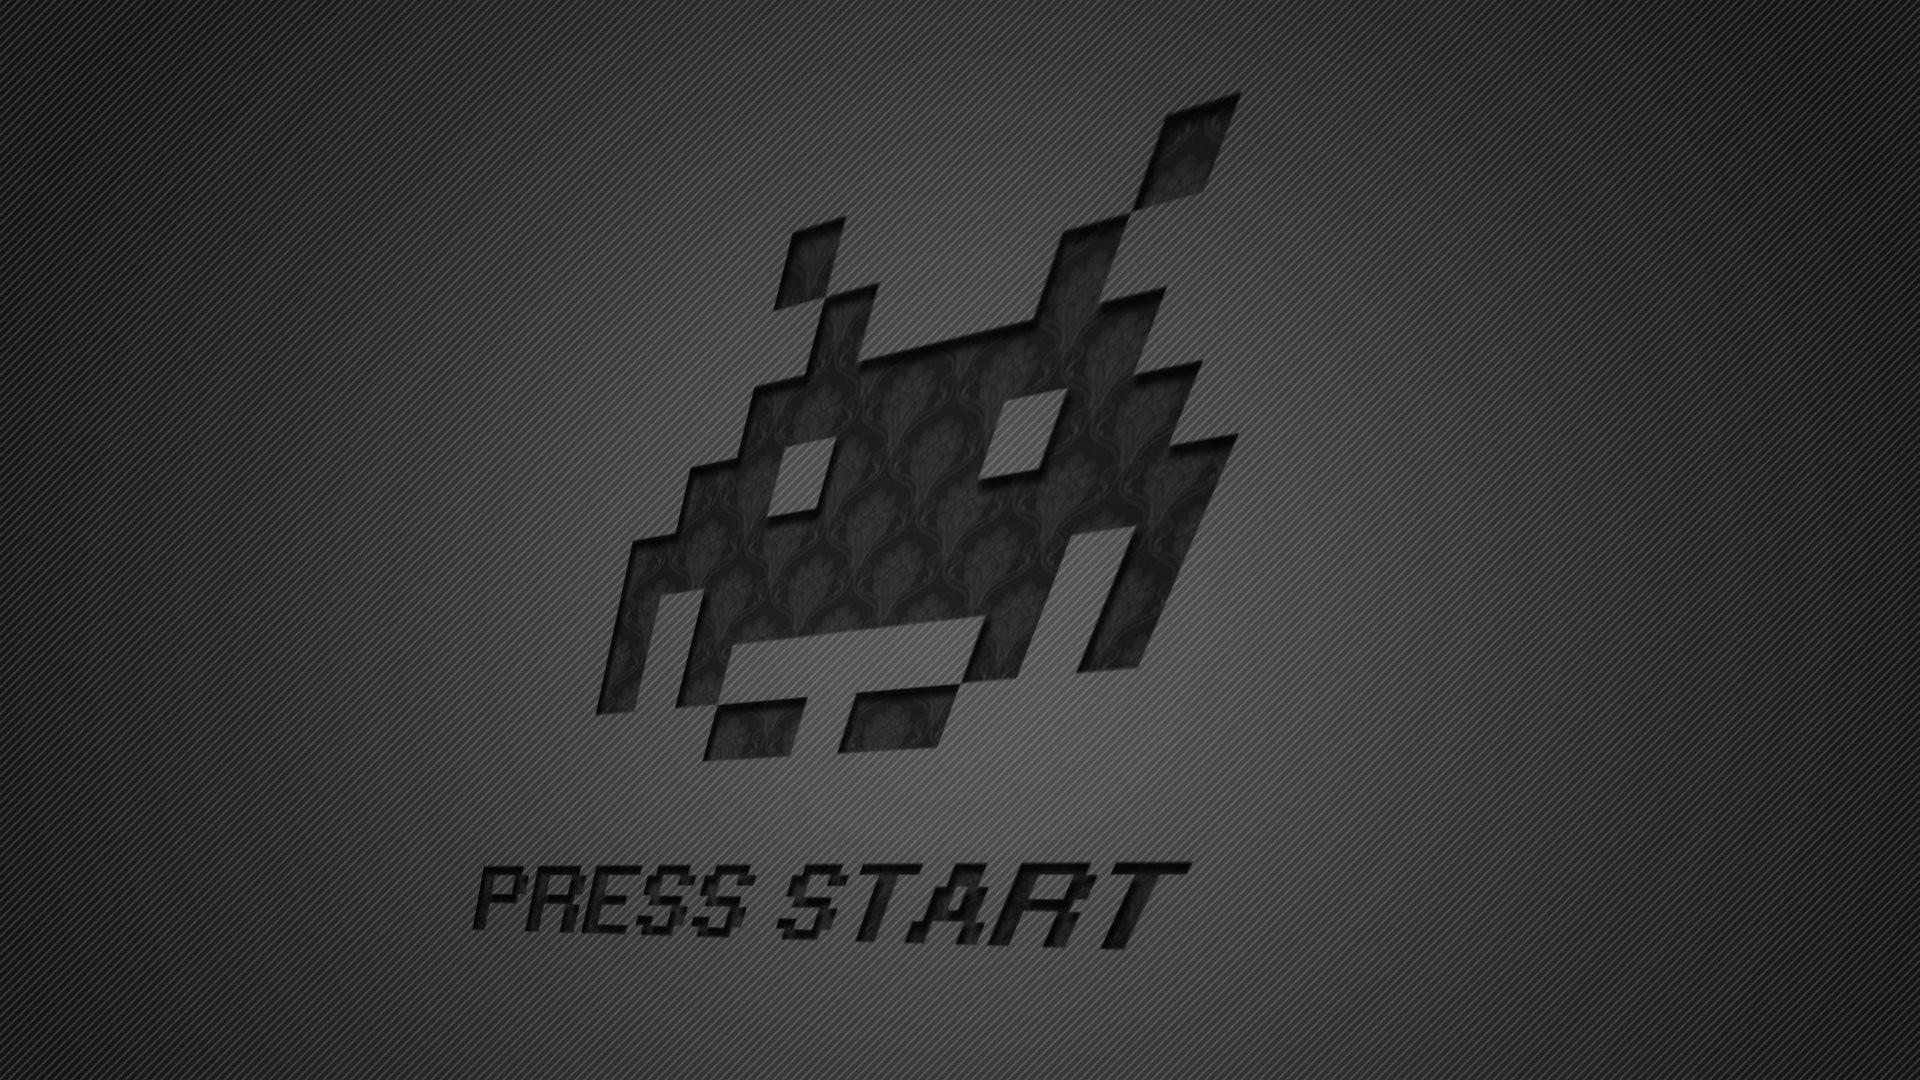 Retro Game 1080p